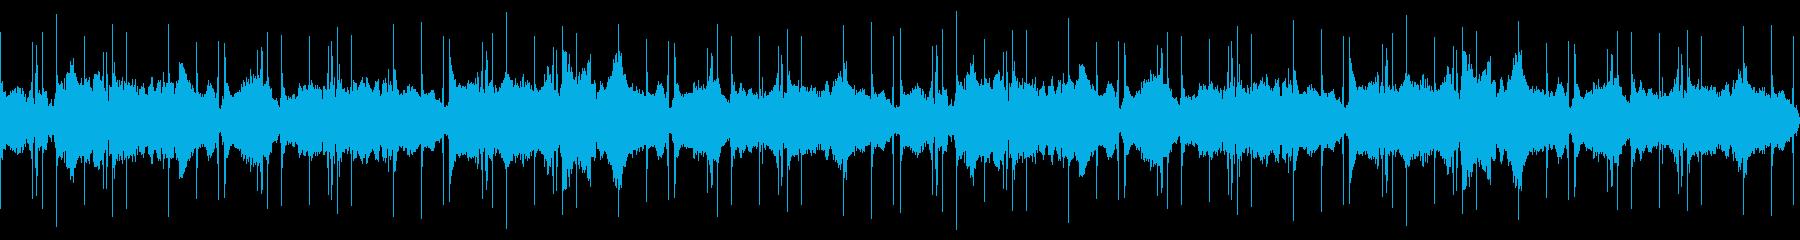 水の世界【アンビエント・環境音楽】の再生済みの波形